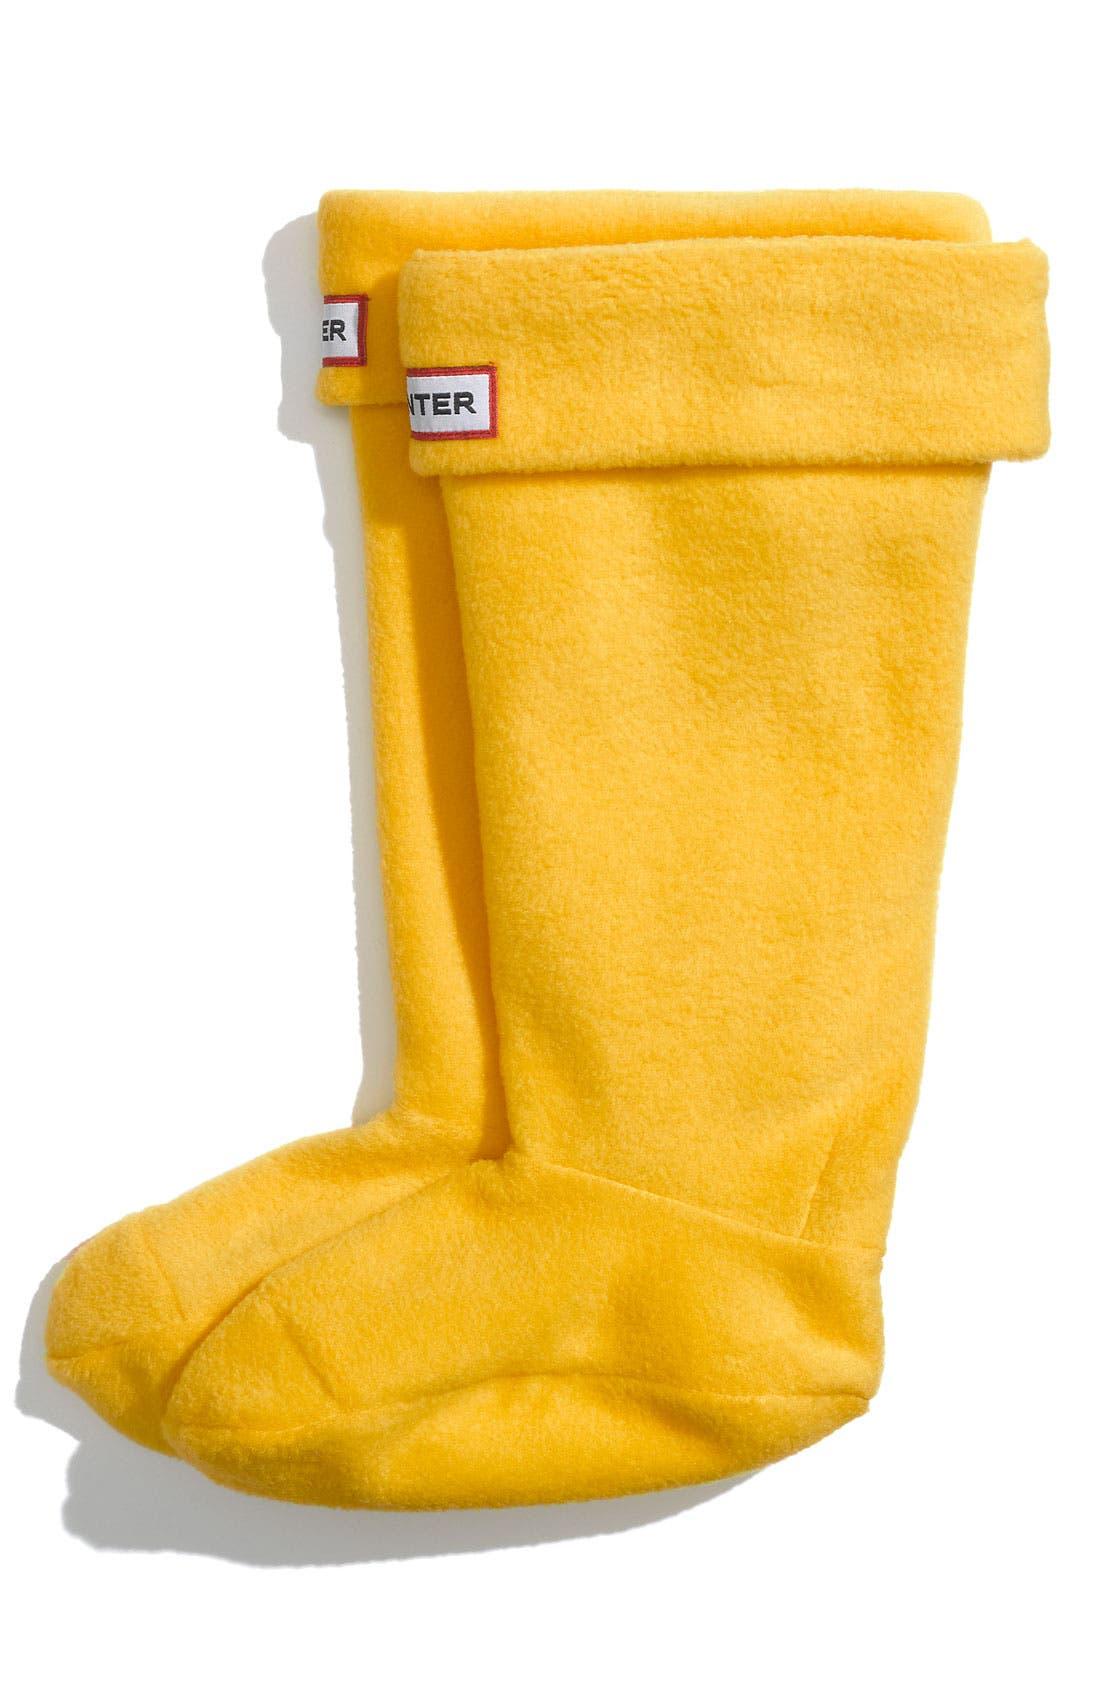 Alternate Image 1 Selected - Hunter Fleece Welly Socks (Baby Girls, Toddler Girls, Little Girls & Big Girls)